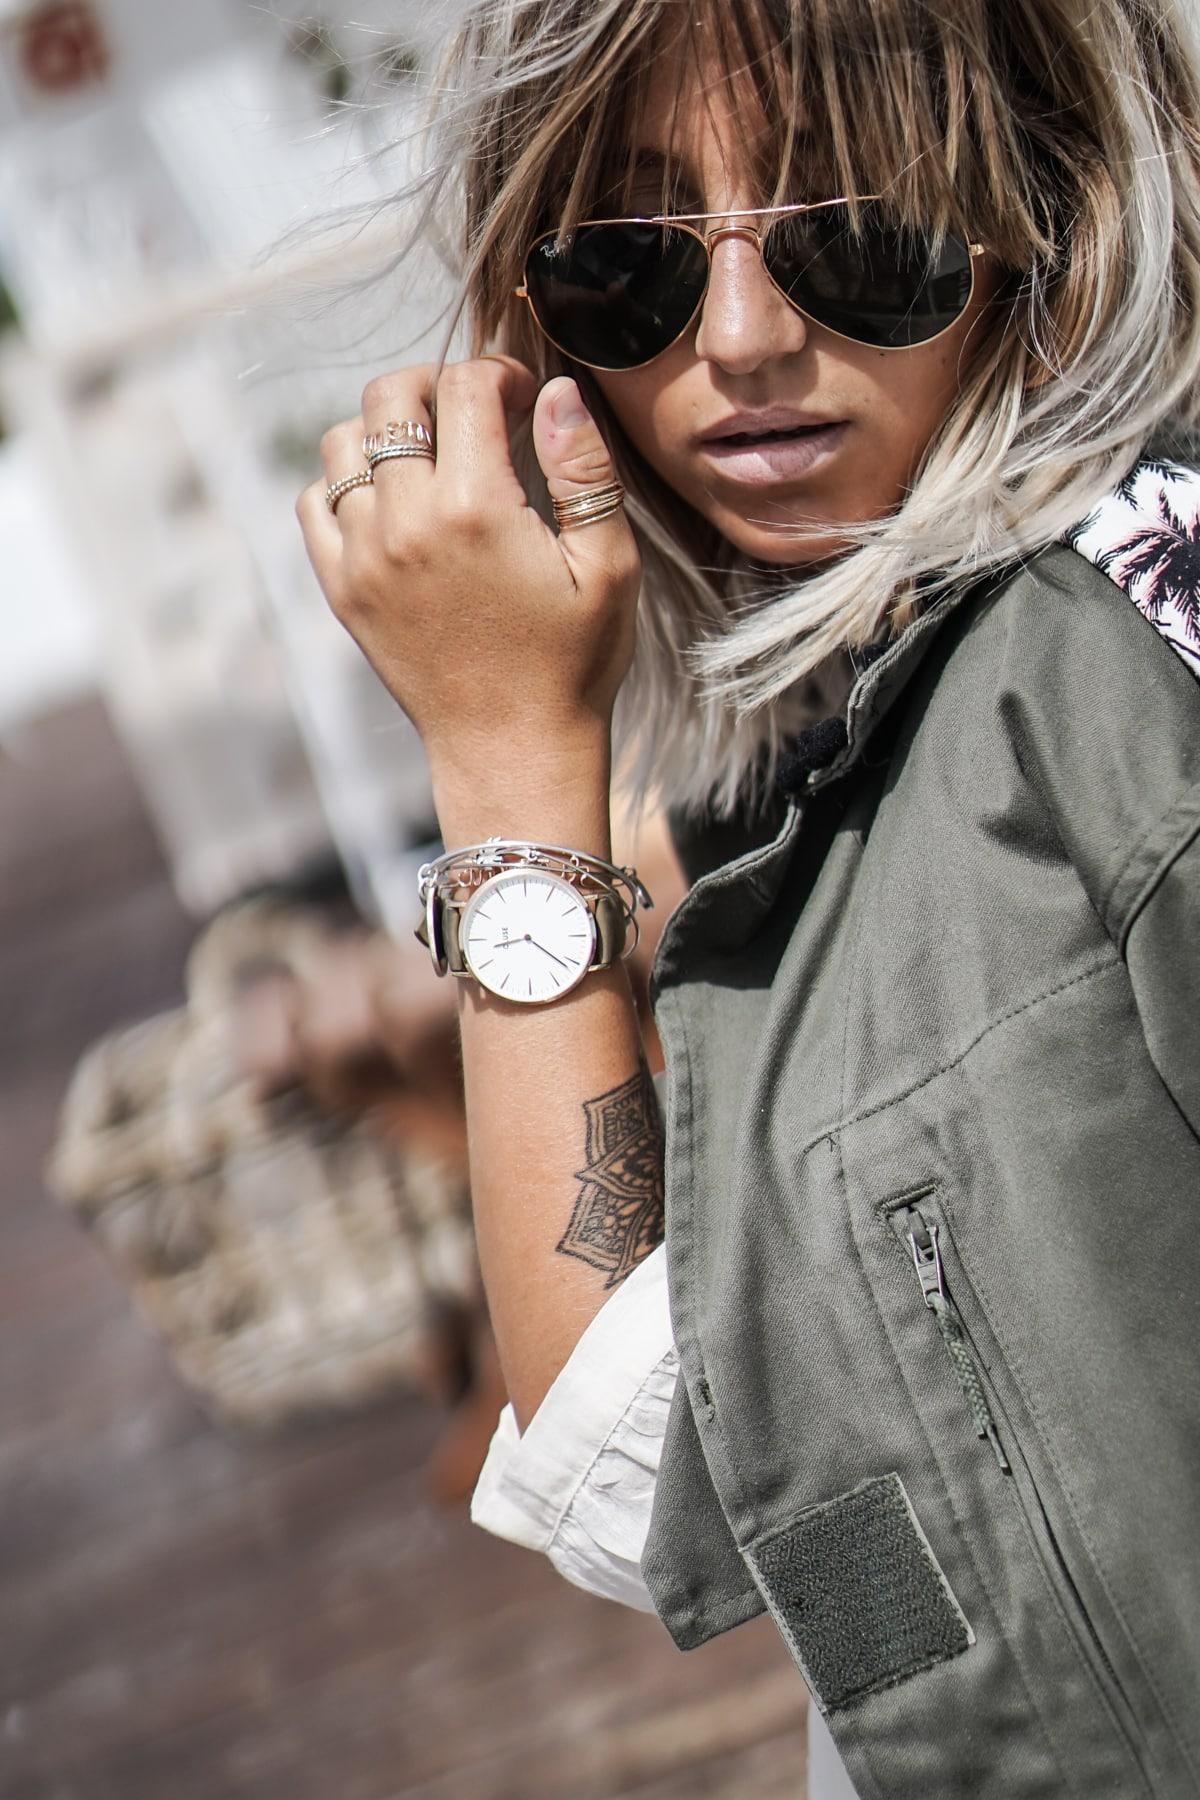 ba77ac7fd21b7b Hello les filles, petit post non pas à propos de mes bijoux en général mais  de mes montres. Comme vous avez pu le remarquer, je ne sors quasiment  jamais ...